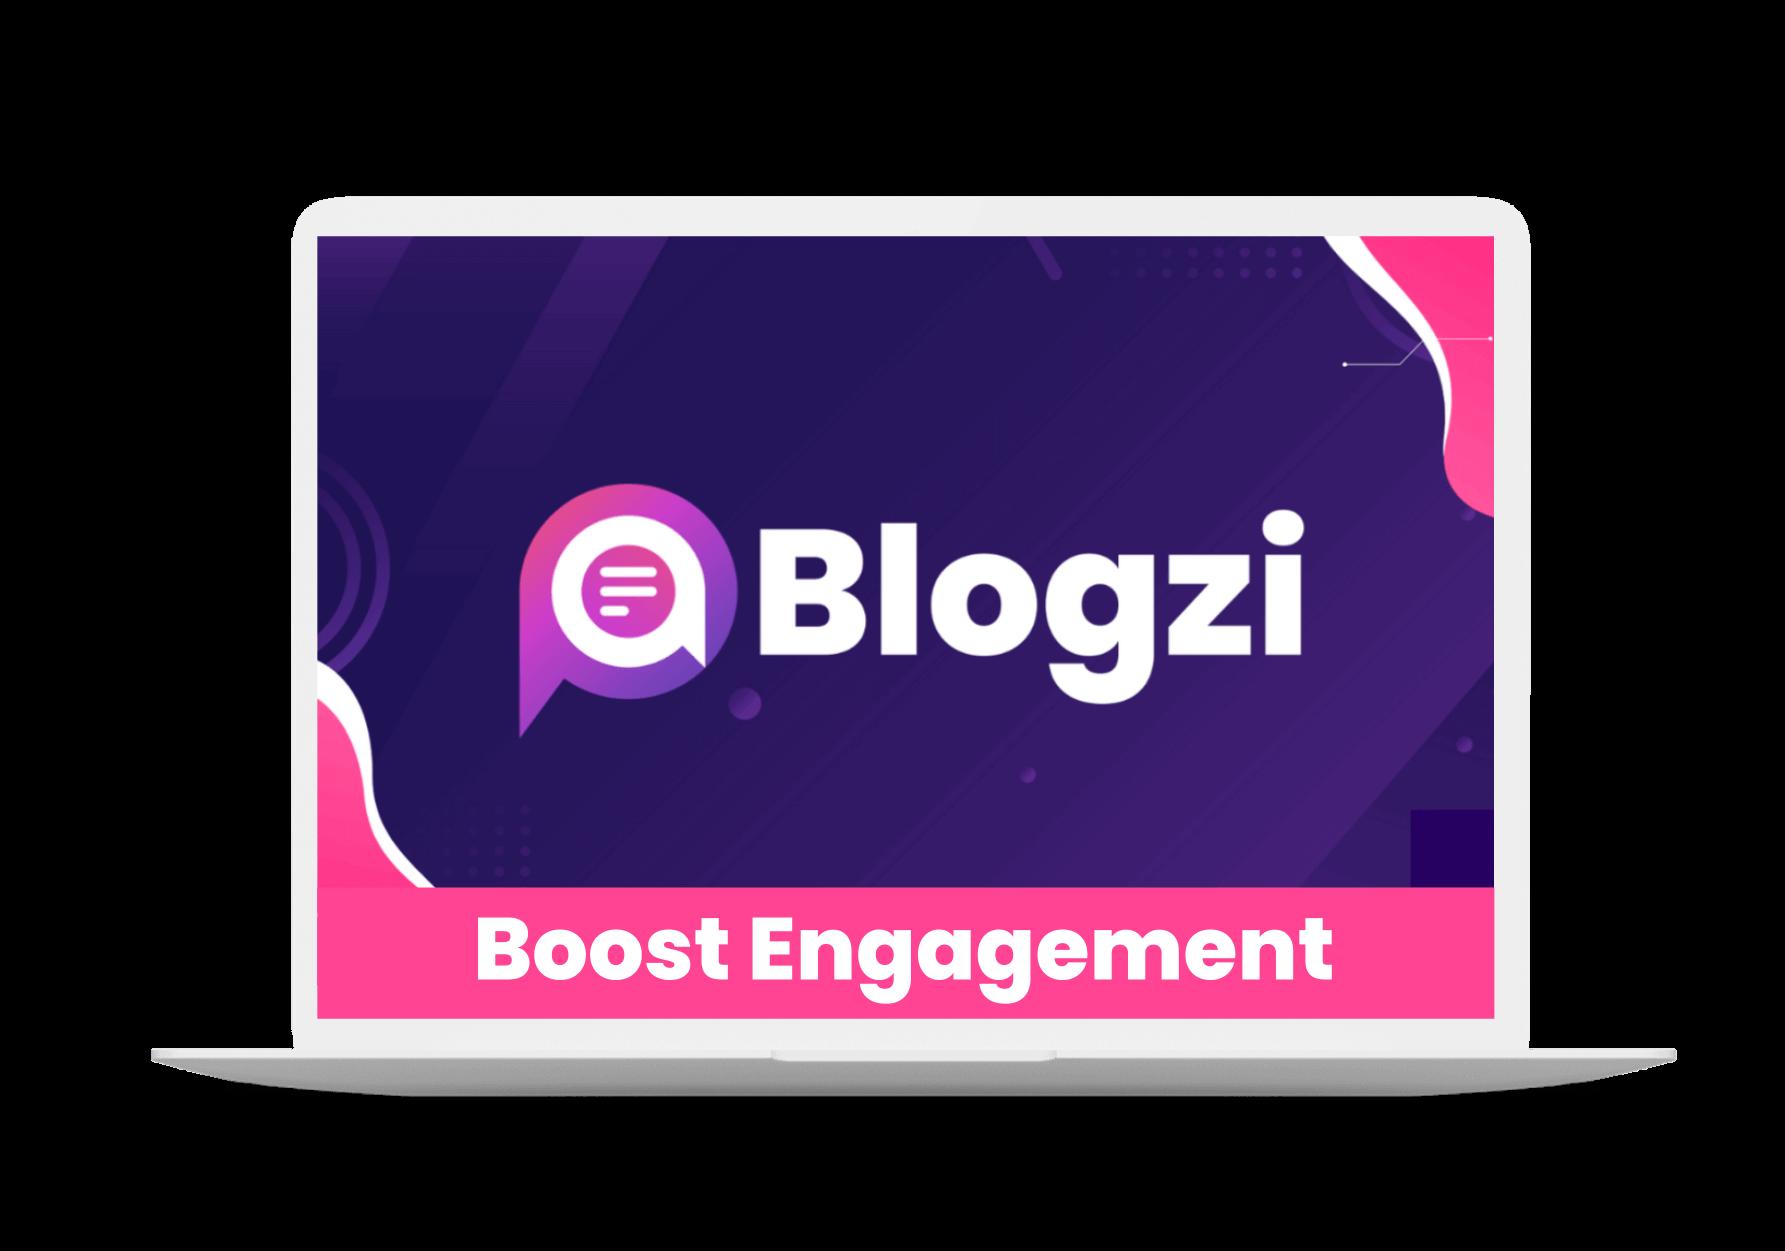 Blogzi-feature-9